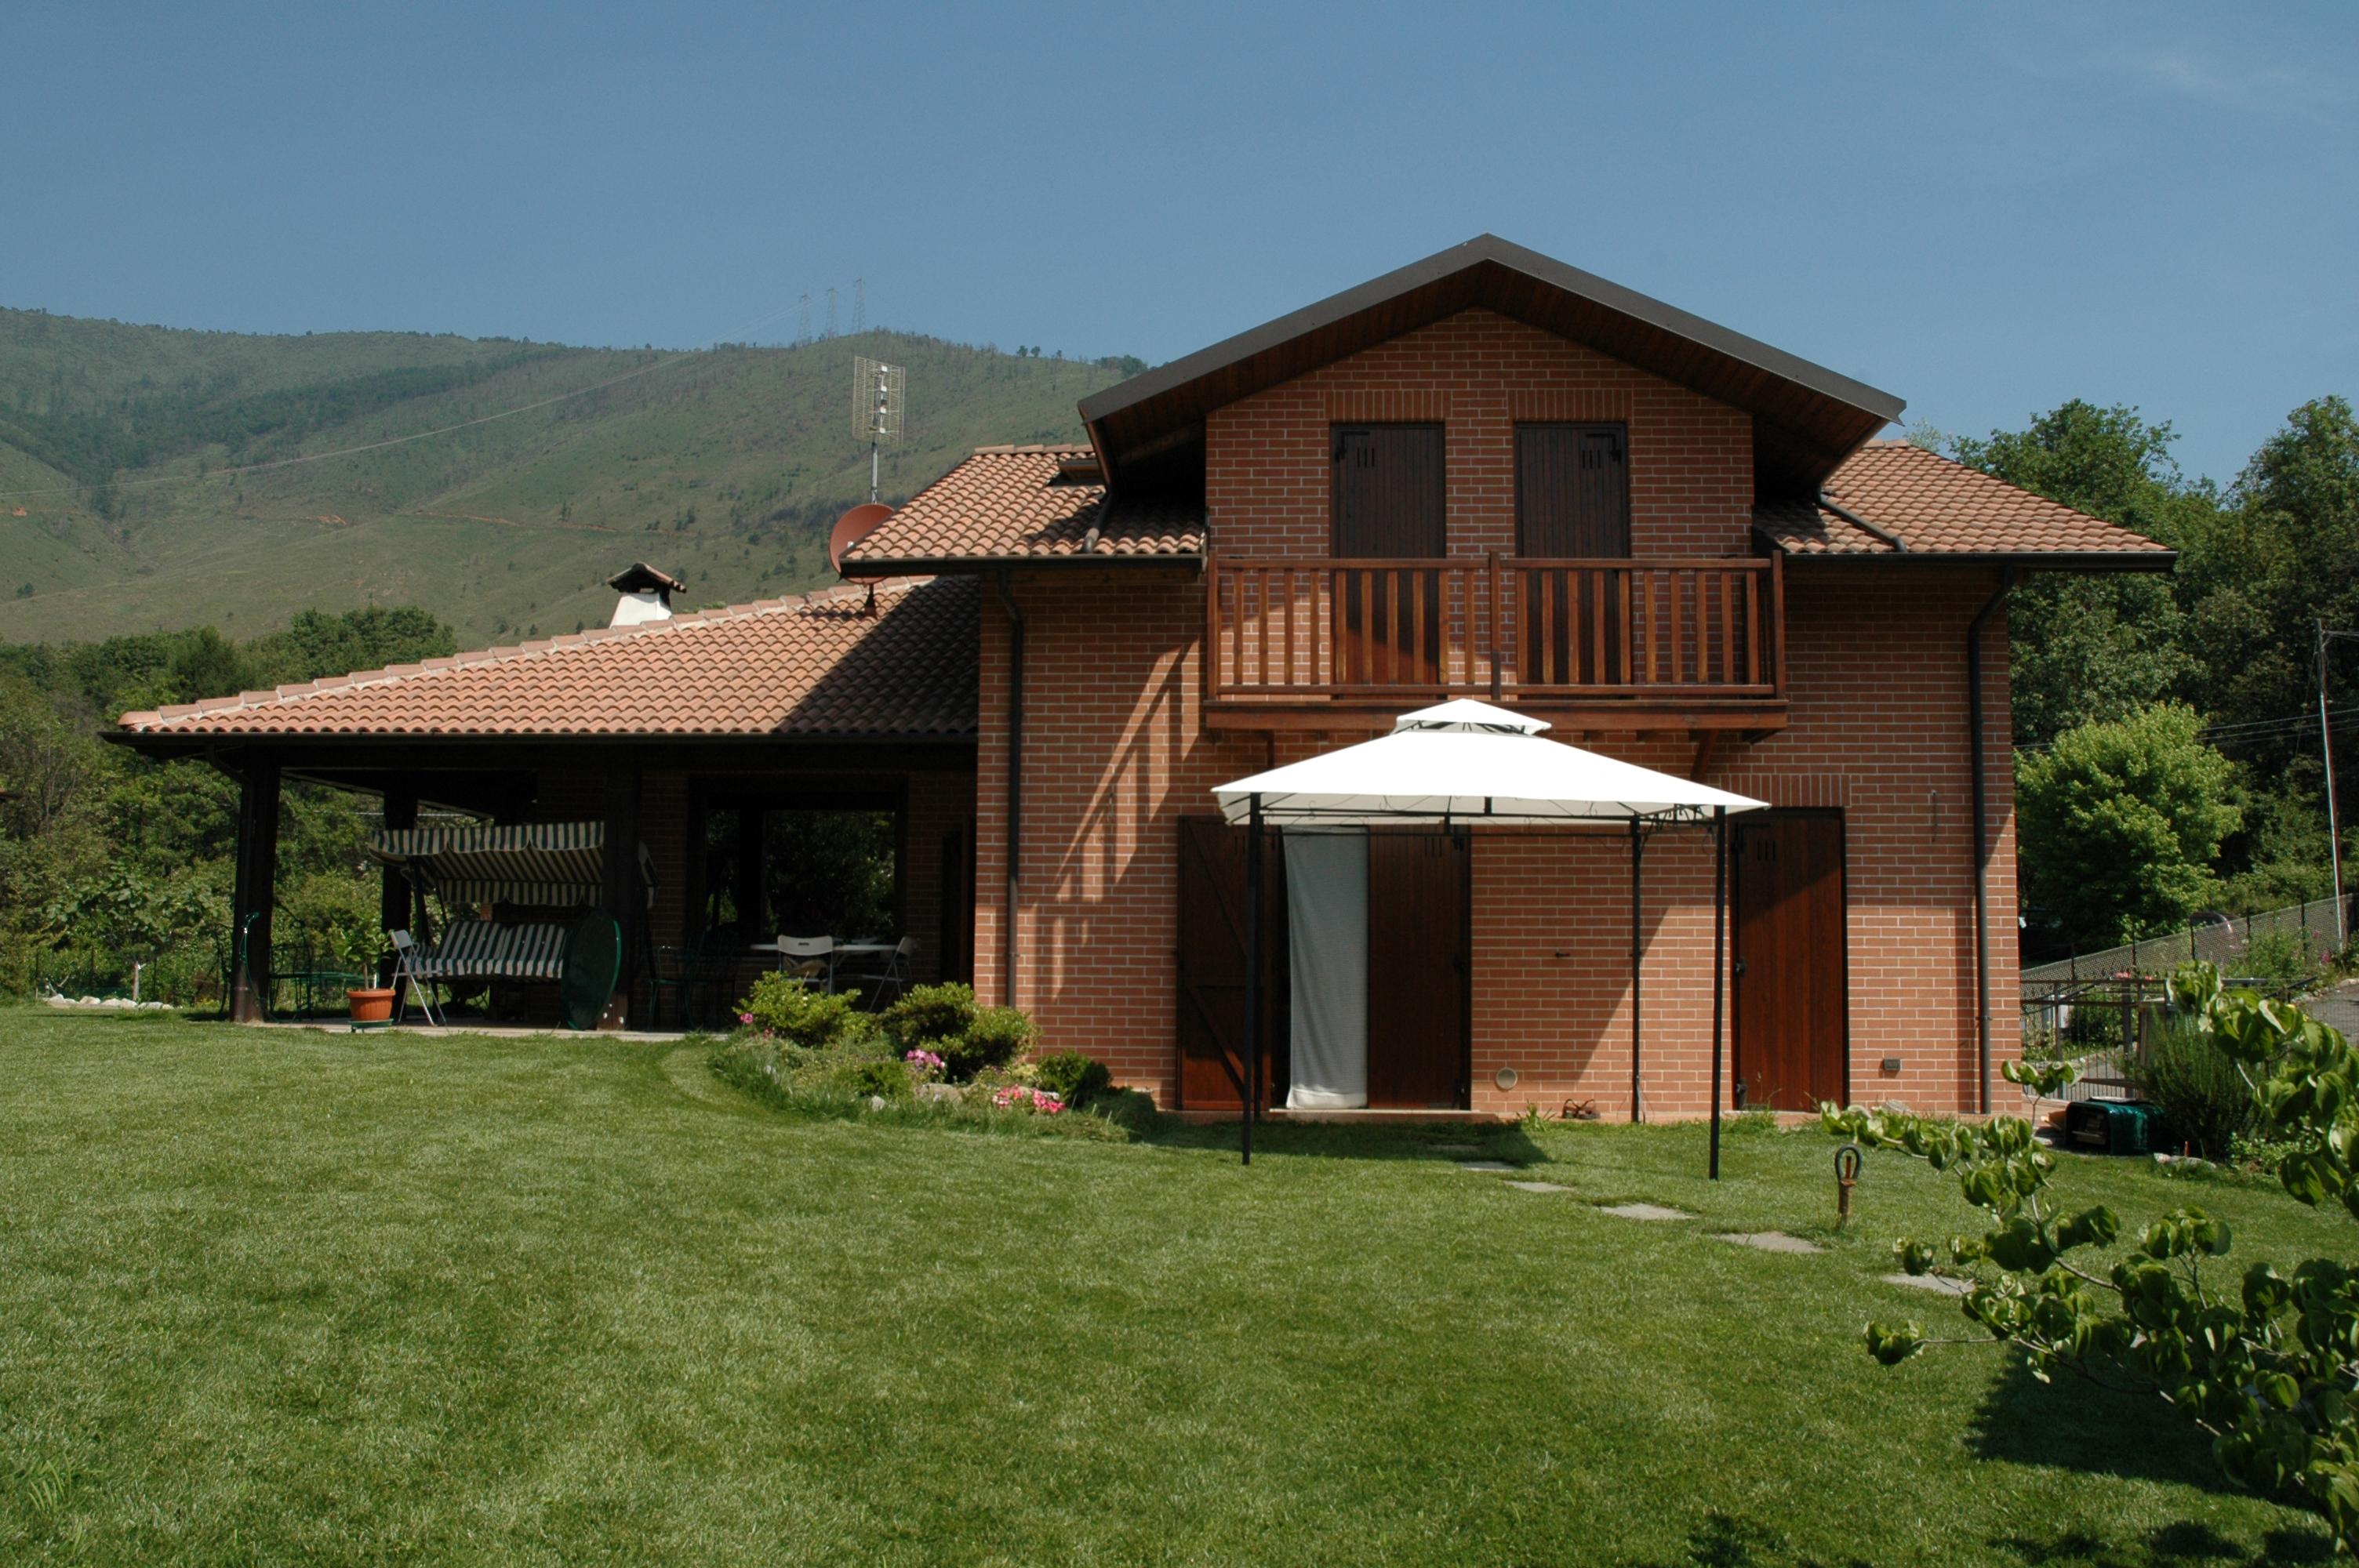 Costo case prefabbricate case prefabbricate in legno a for Casa in legno costo totale